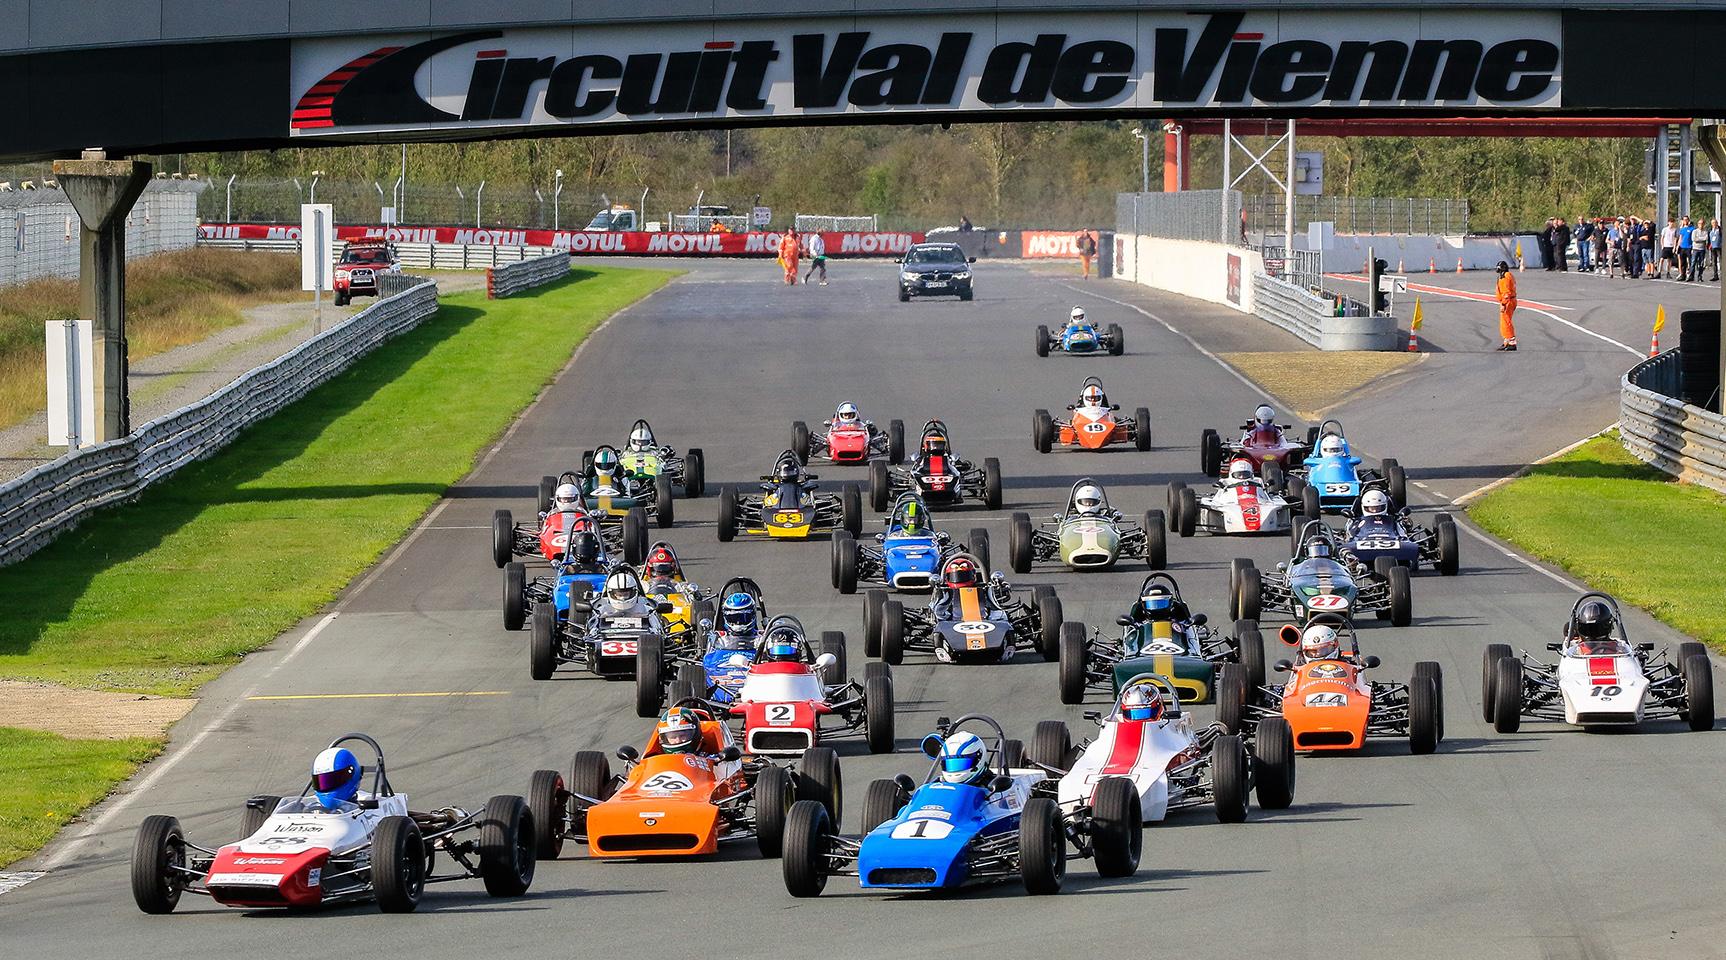 Circuit Val De Vienne Calendrier 2019.Formule Ford Historique Action Racing